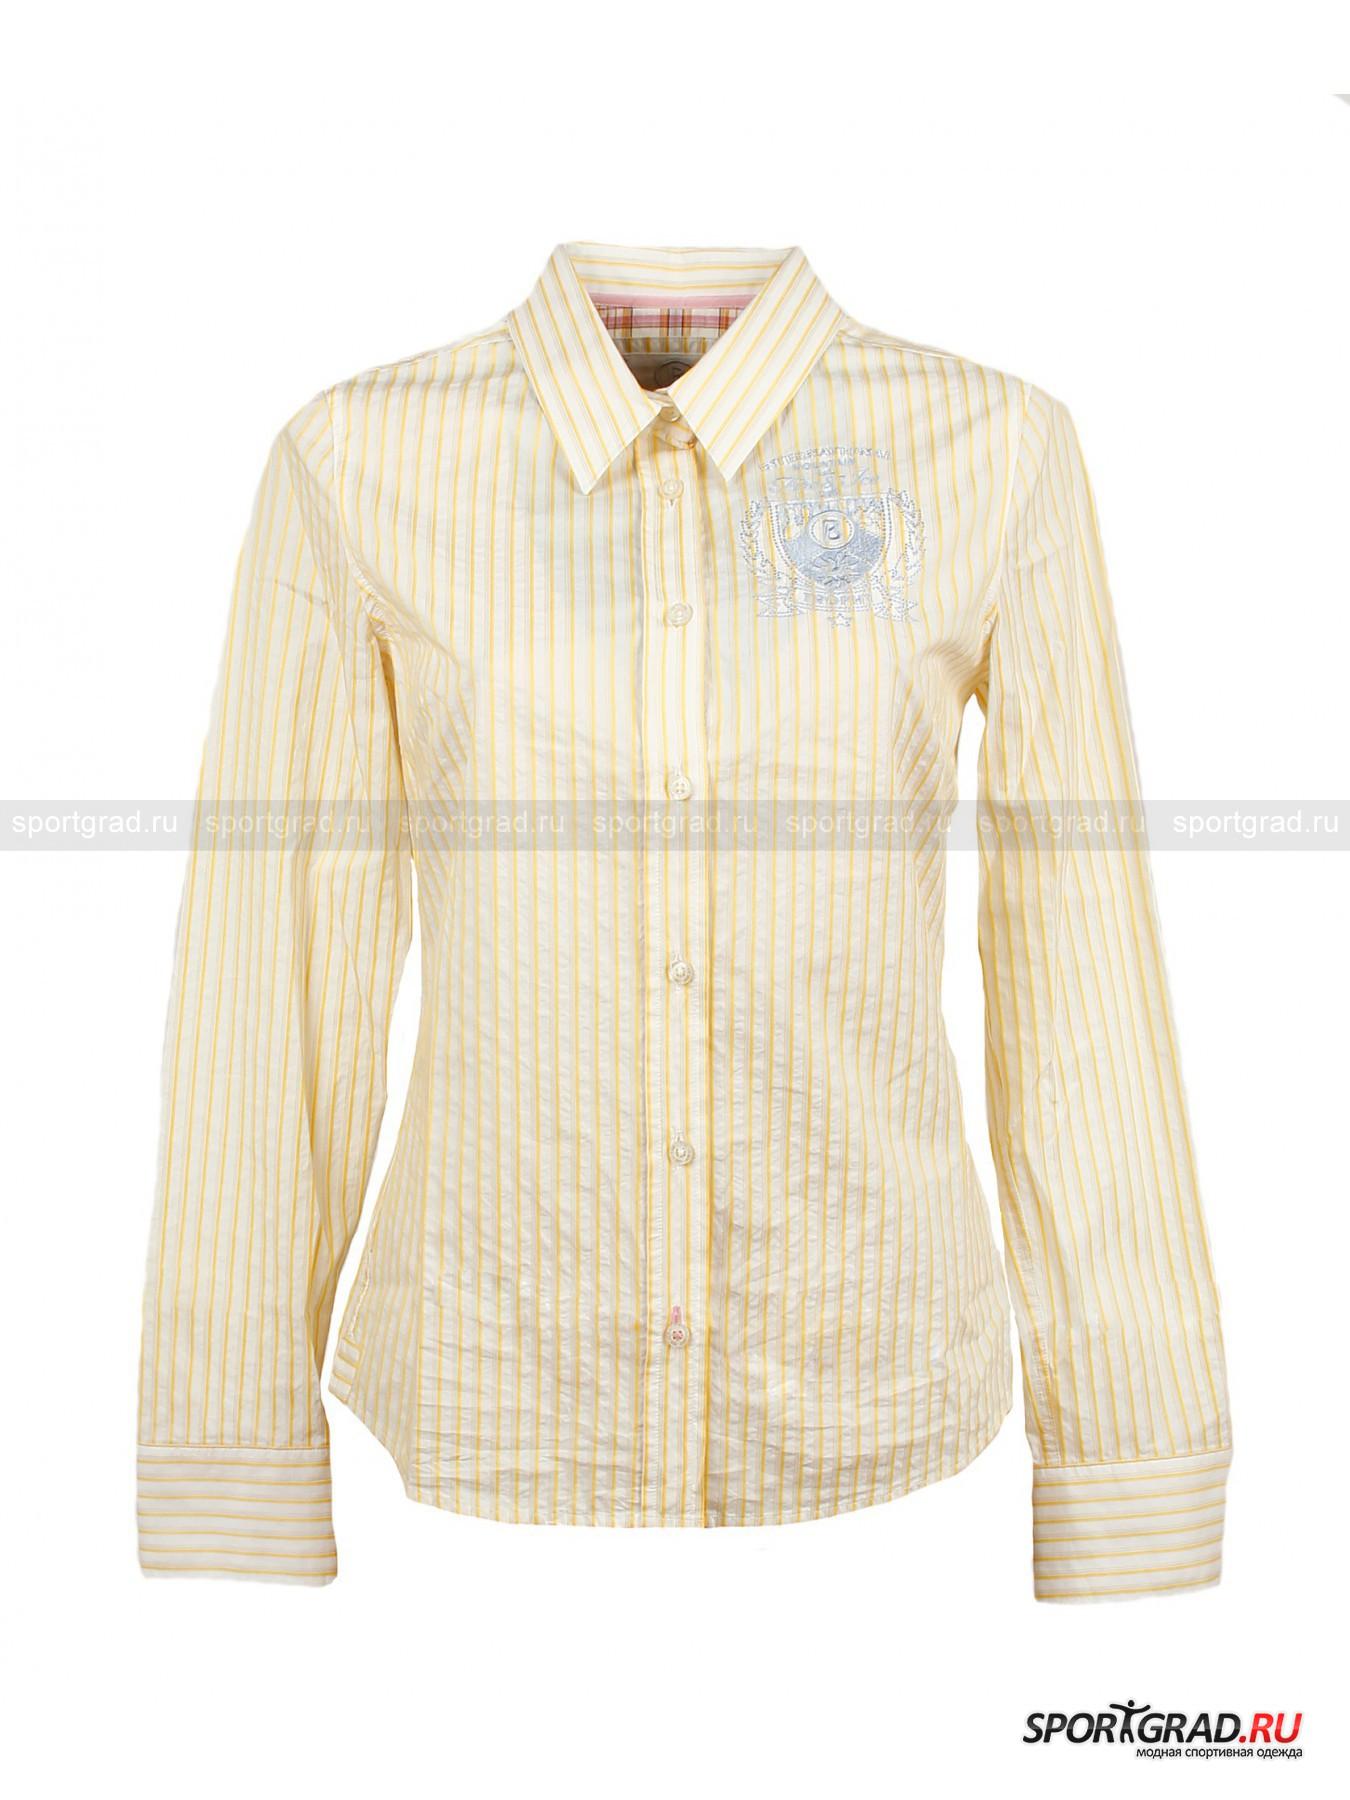 Рубашка женская Bogner FIRE&ICE Alisa2 от Спортград